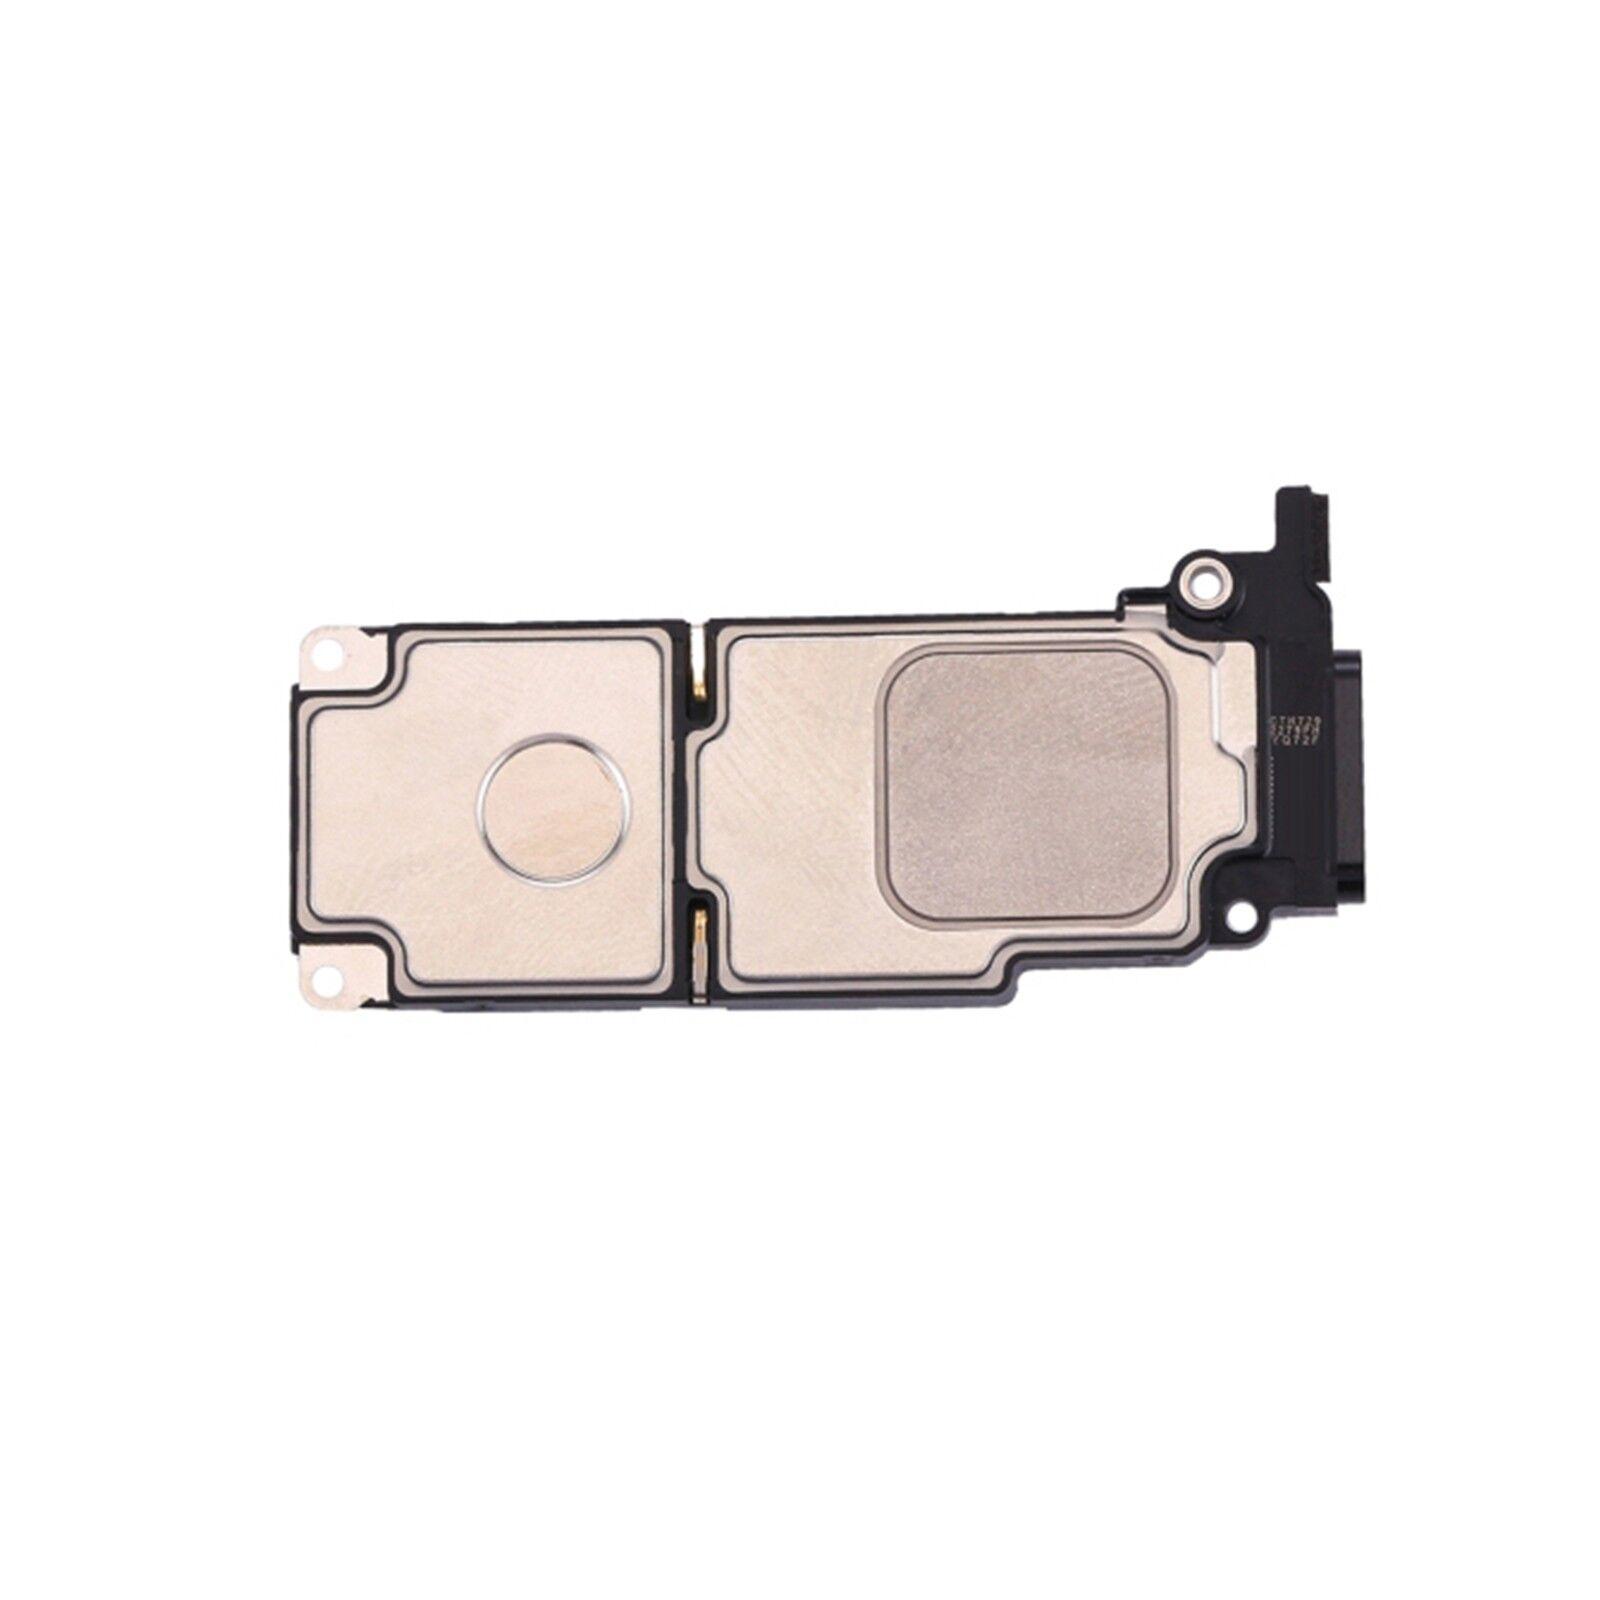 digital bay ricambio sostituzione microfono loud speaker cassa per apple iphone 8 plus